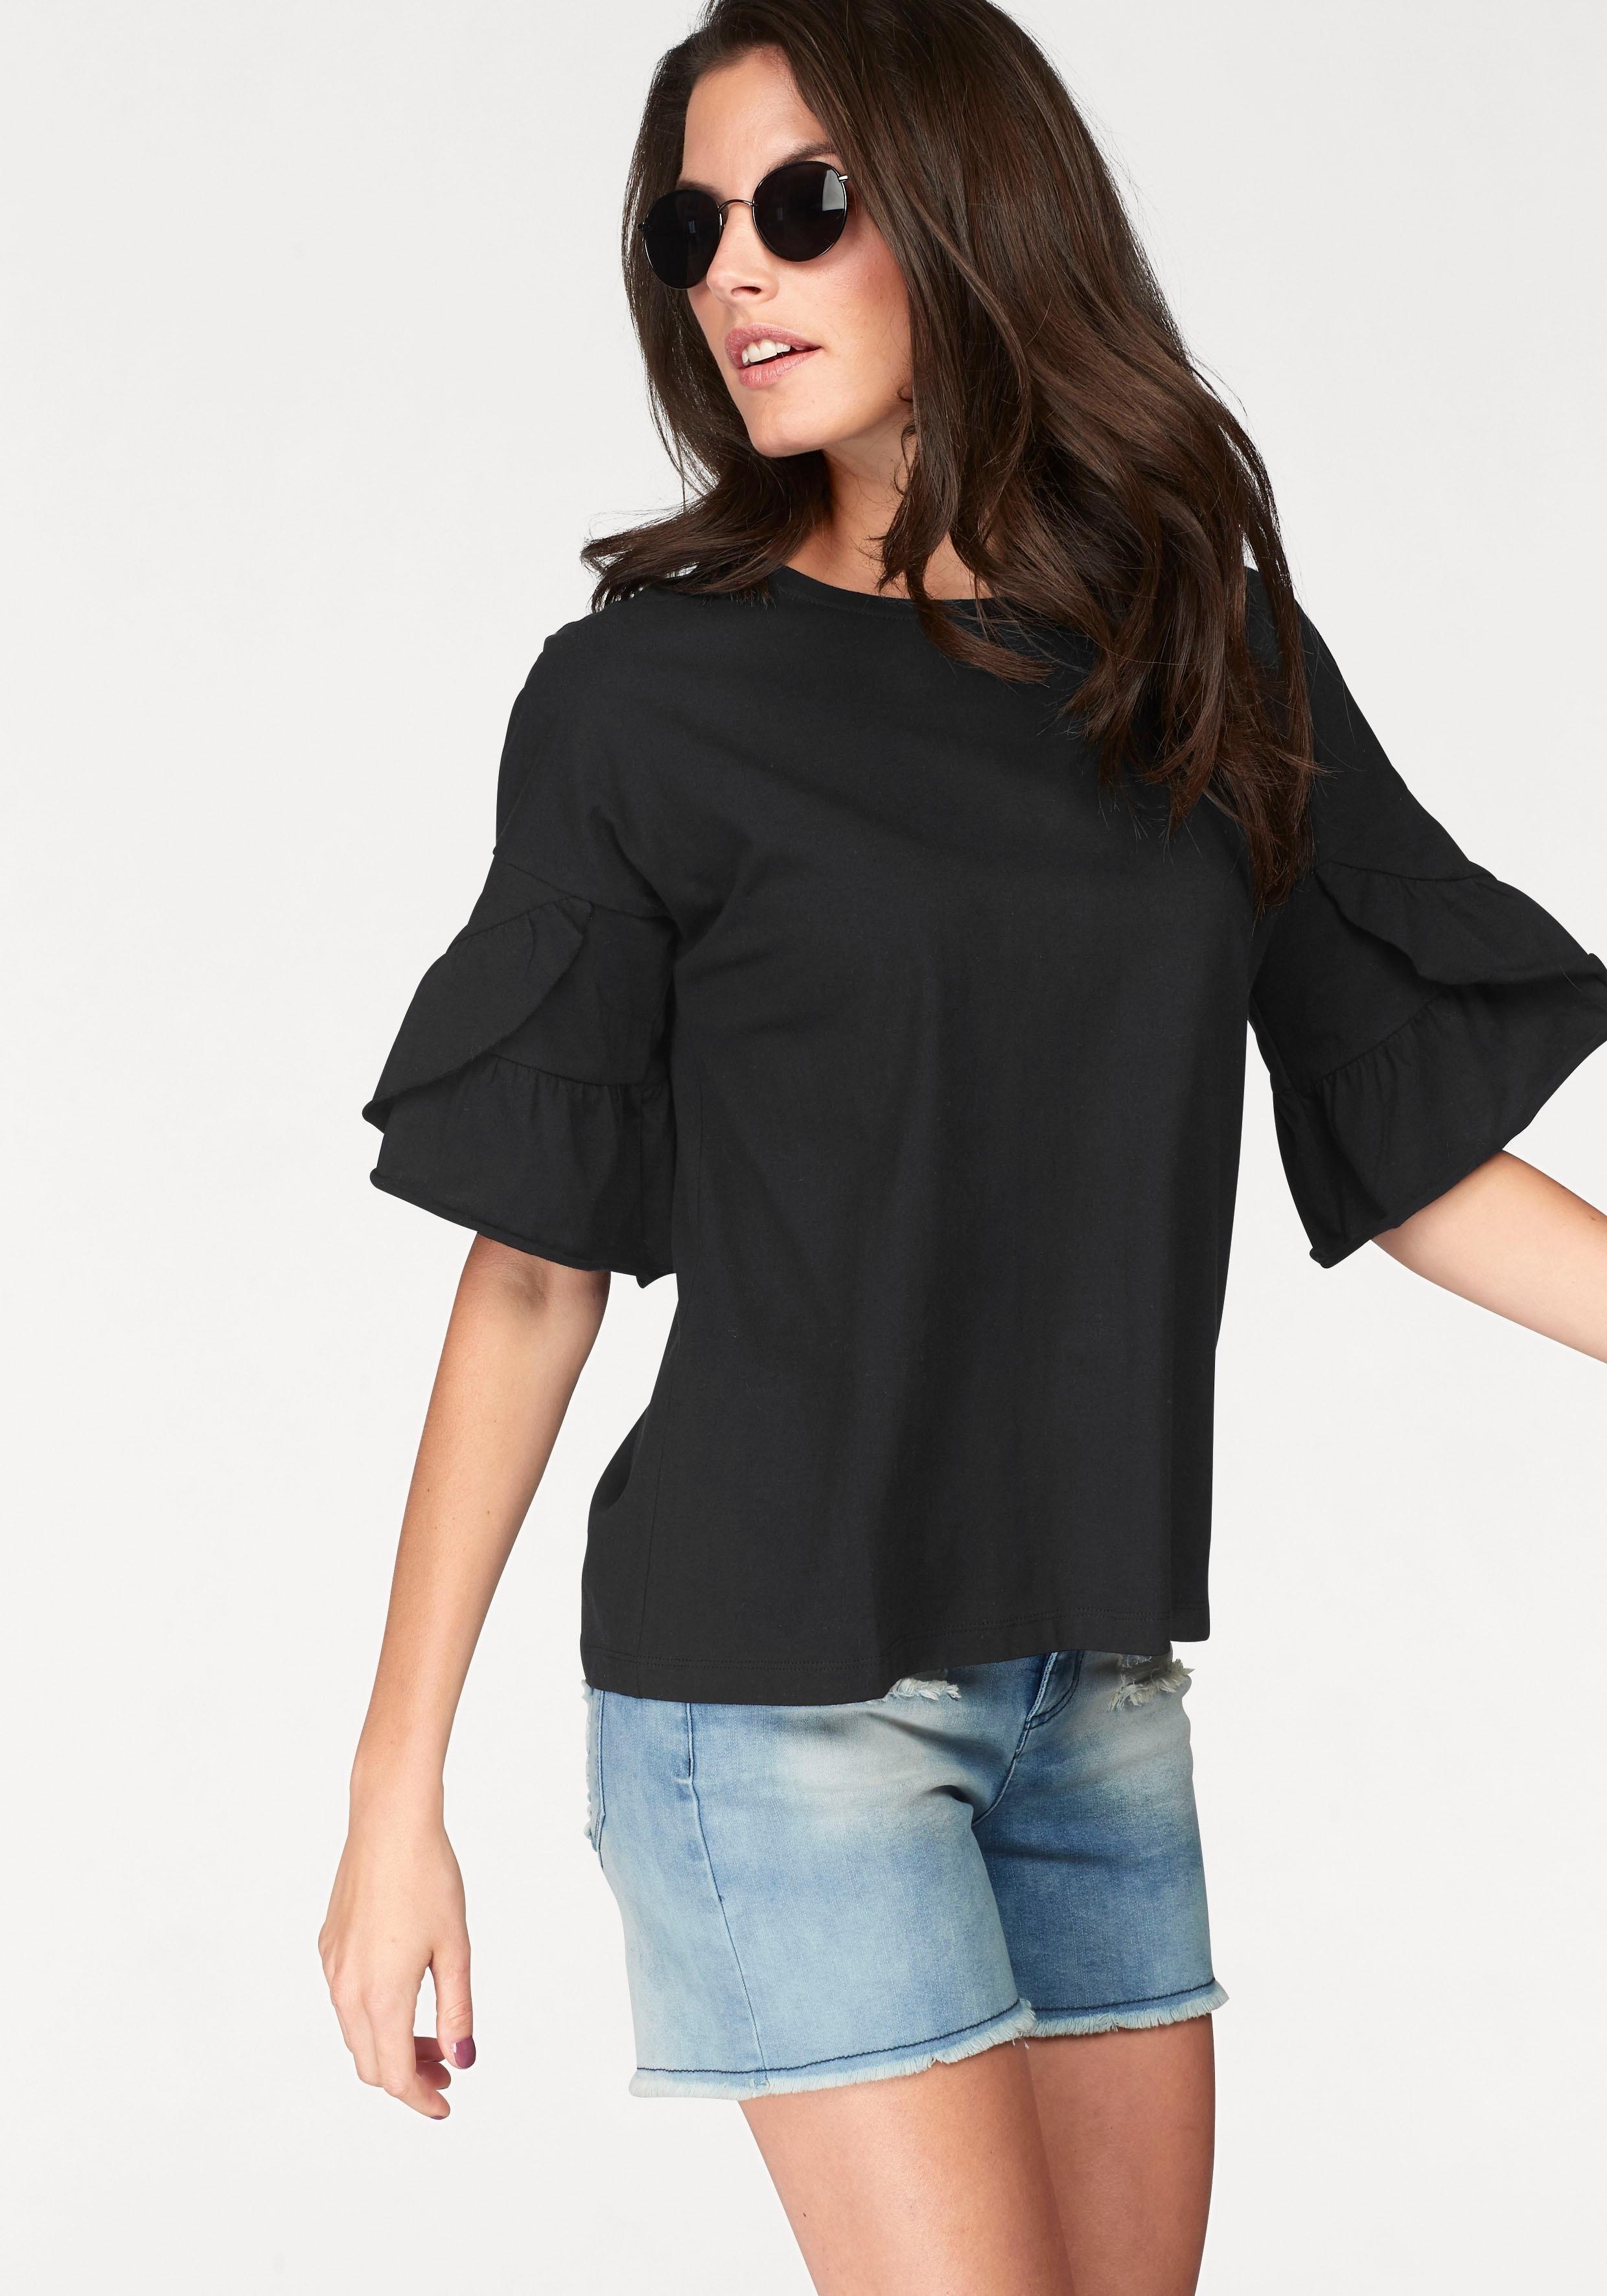 Aniston By Baur Aniston T-shirt bestellen: 14 dagen bedenktijd